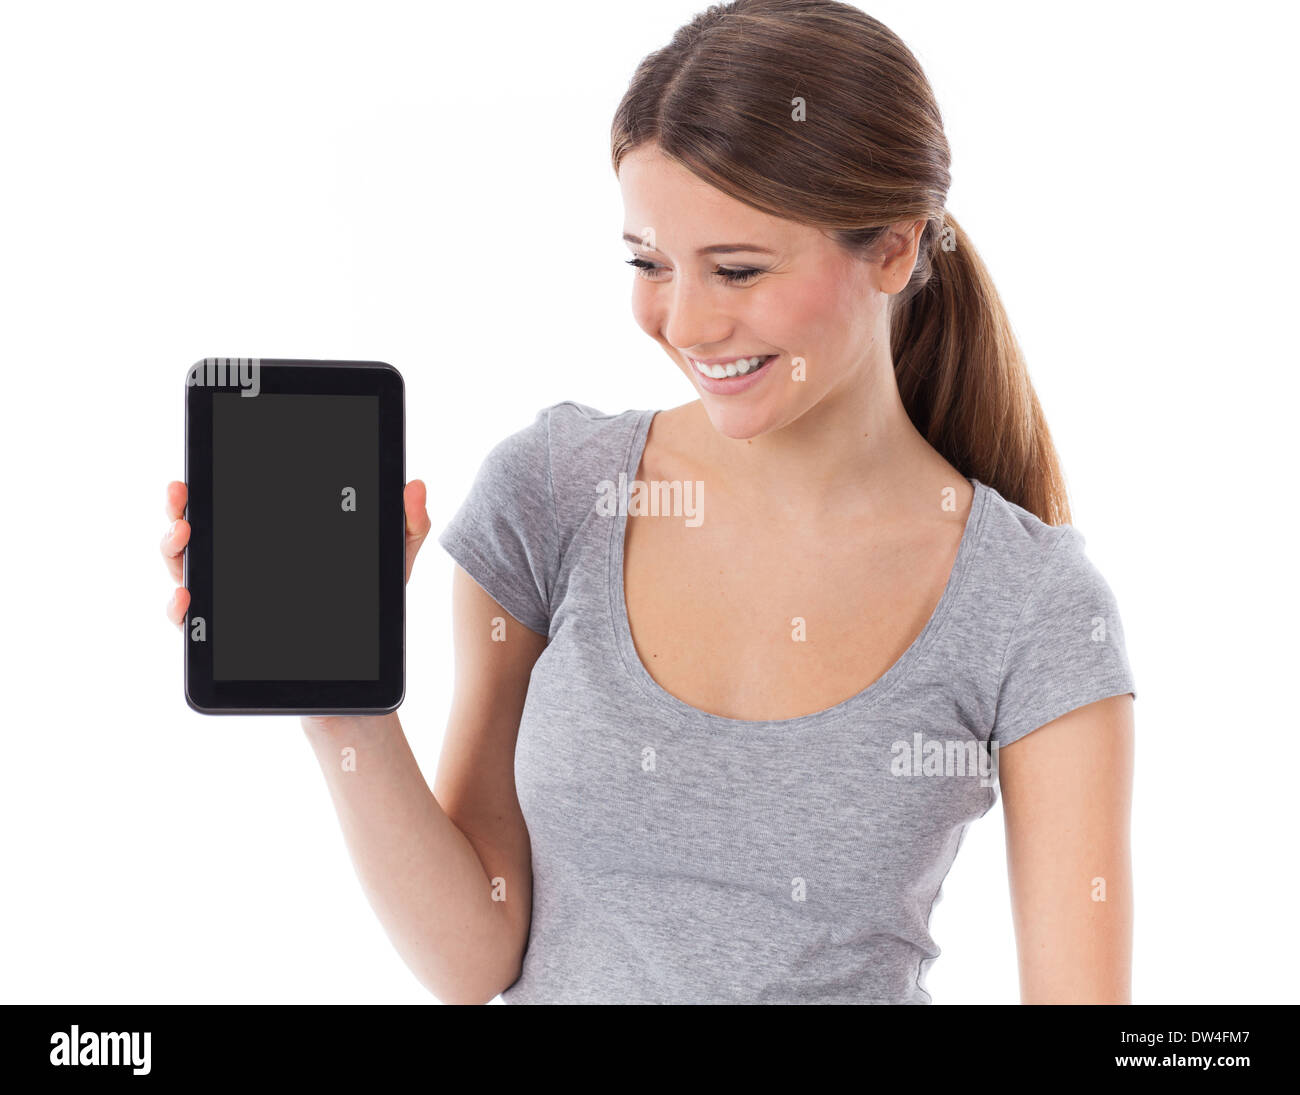 Cheerful woman présentant une surface tactile, communication concept Photo Stock